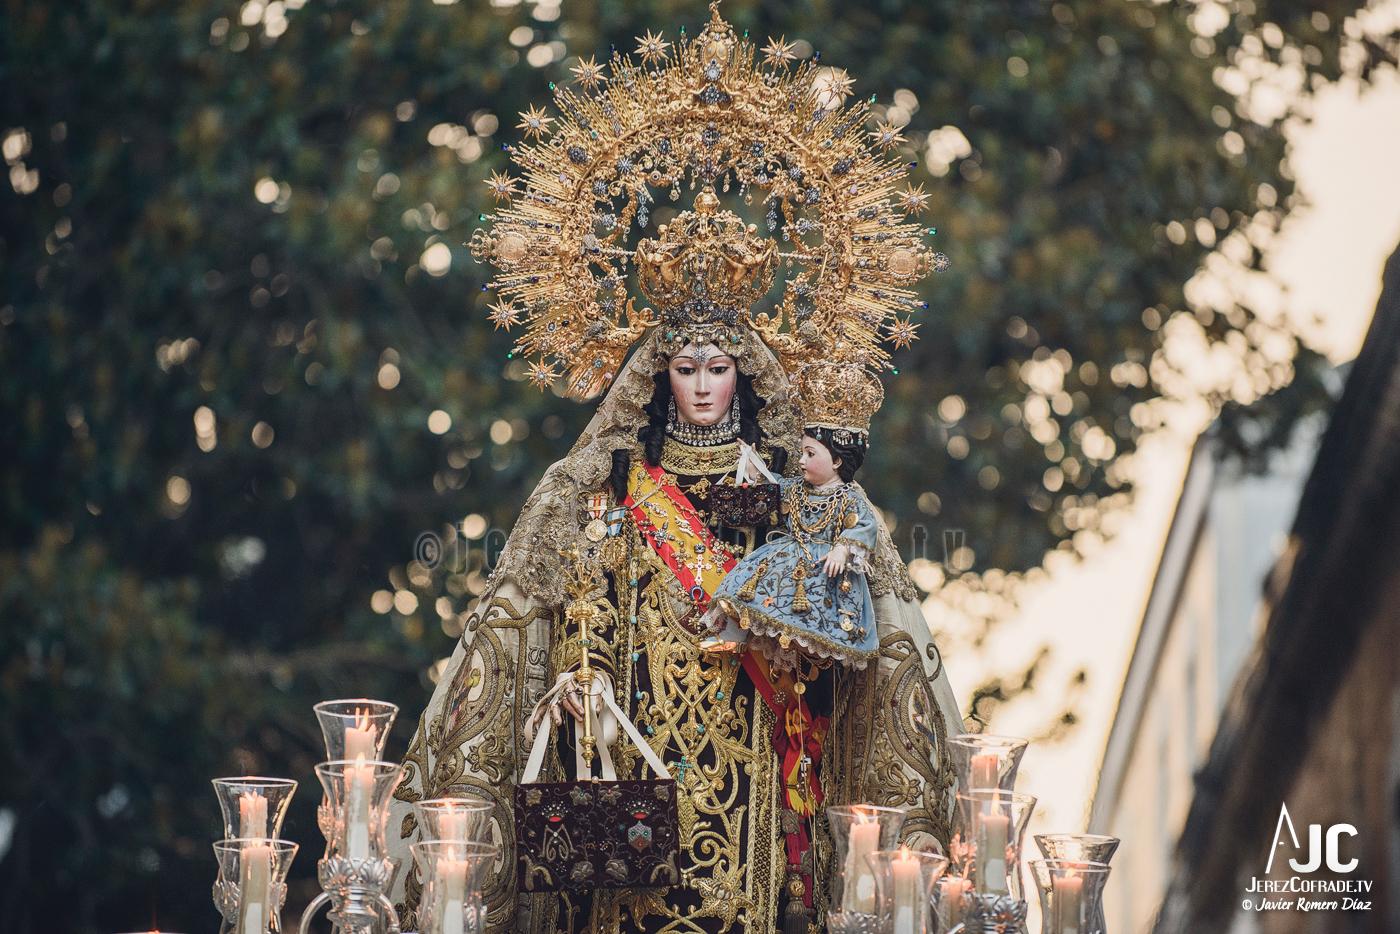 002- Virgen del Carmen 2017 – jerezcofrade – javieromerodiaz